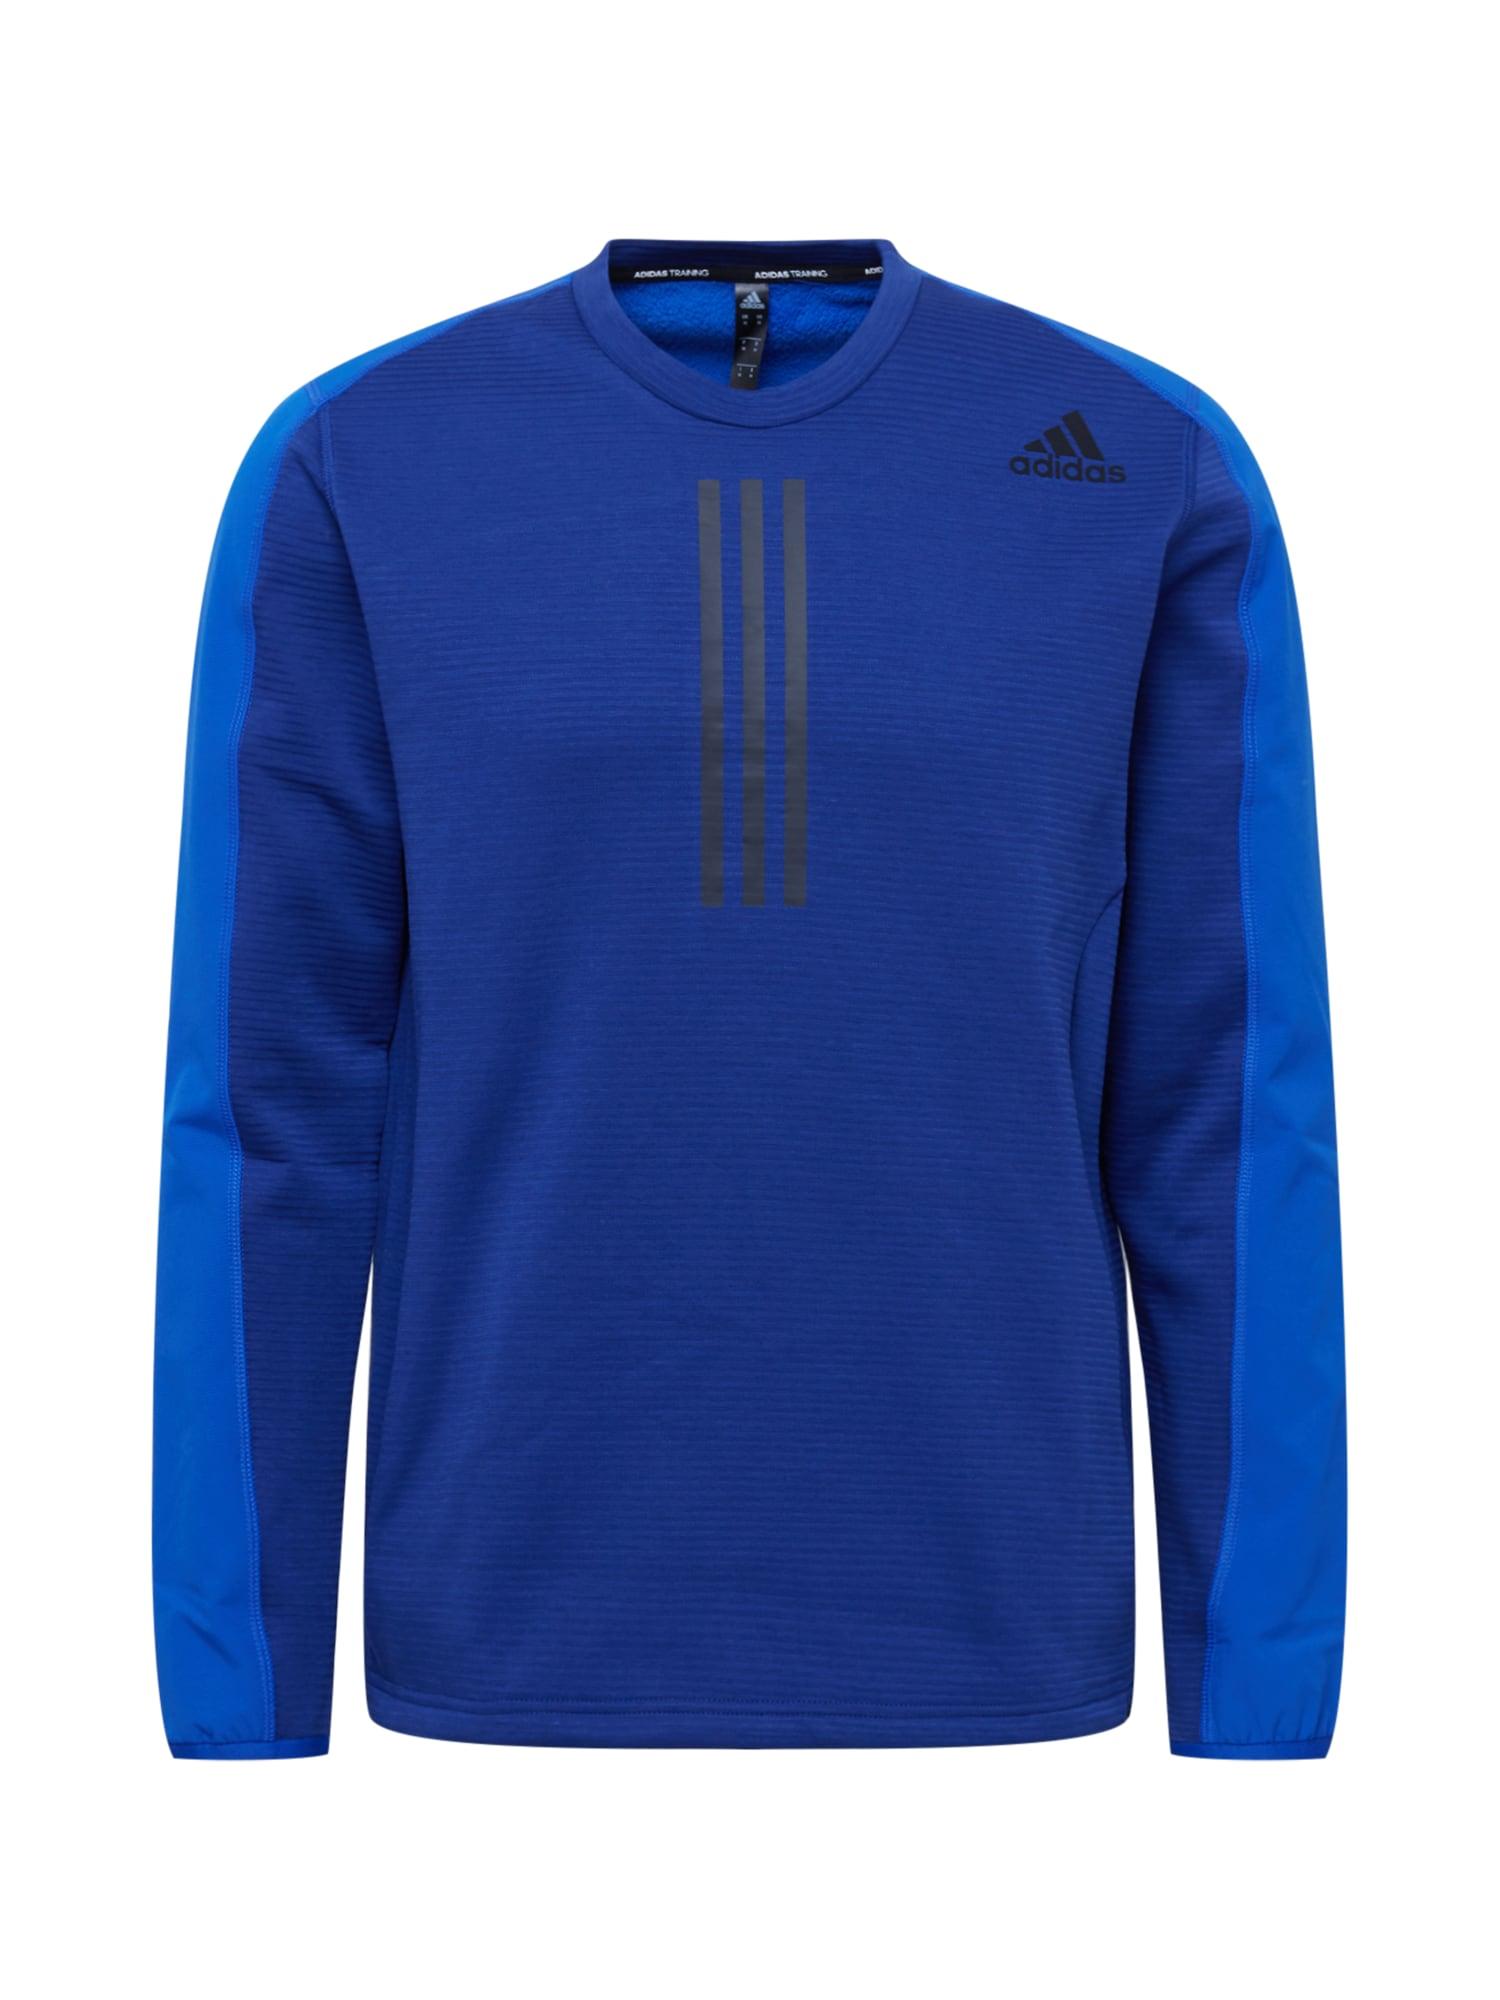 ADIDAS PERFORMANCE Sportovní mikina  marine modrá / nebeská modř / černá